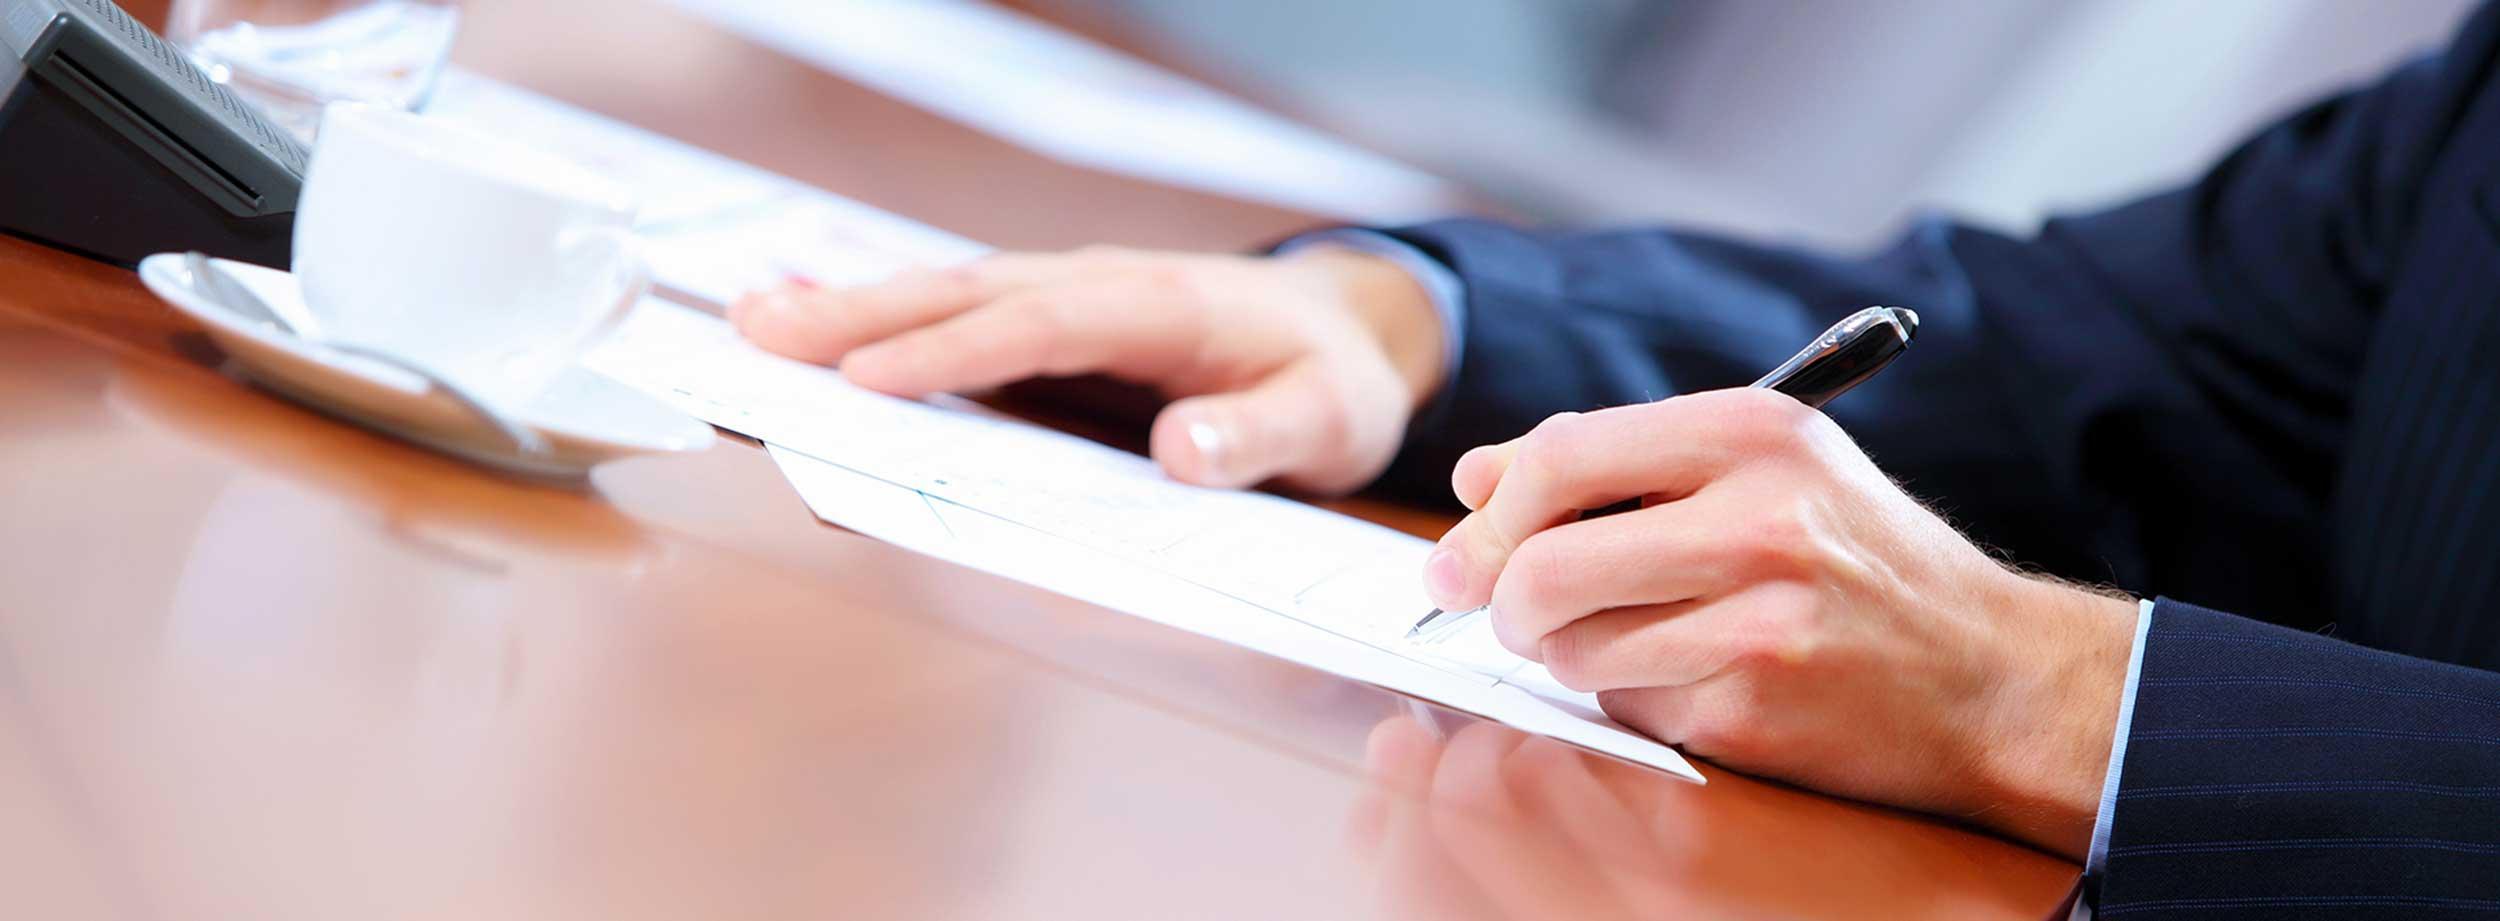 dokumenty, zmluvy, podpis zmluvy